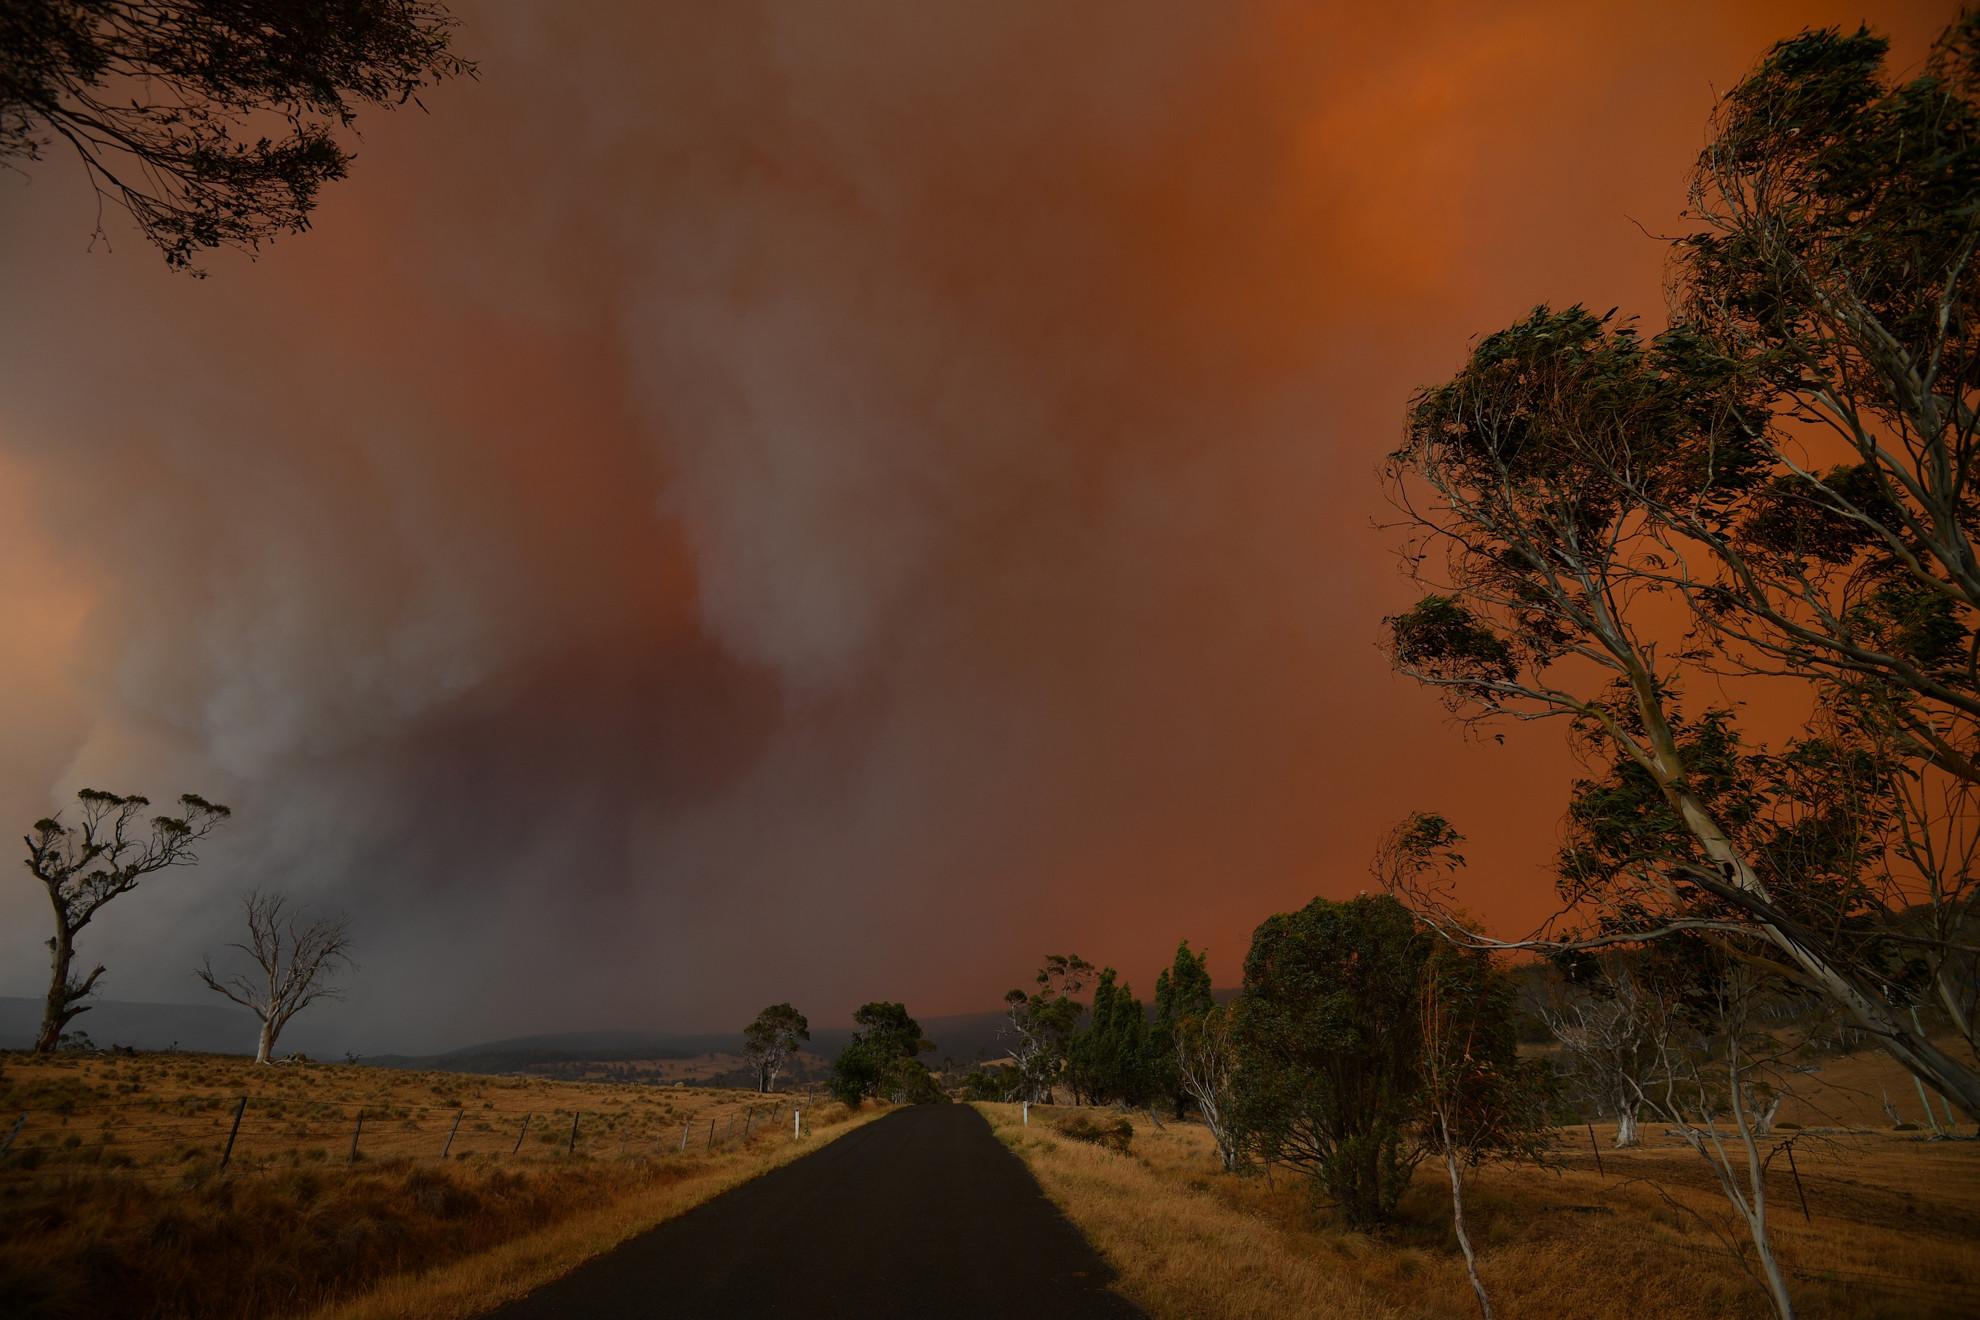 Elképesztő időjárási körülmények uralkodnak Ausztráliában